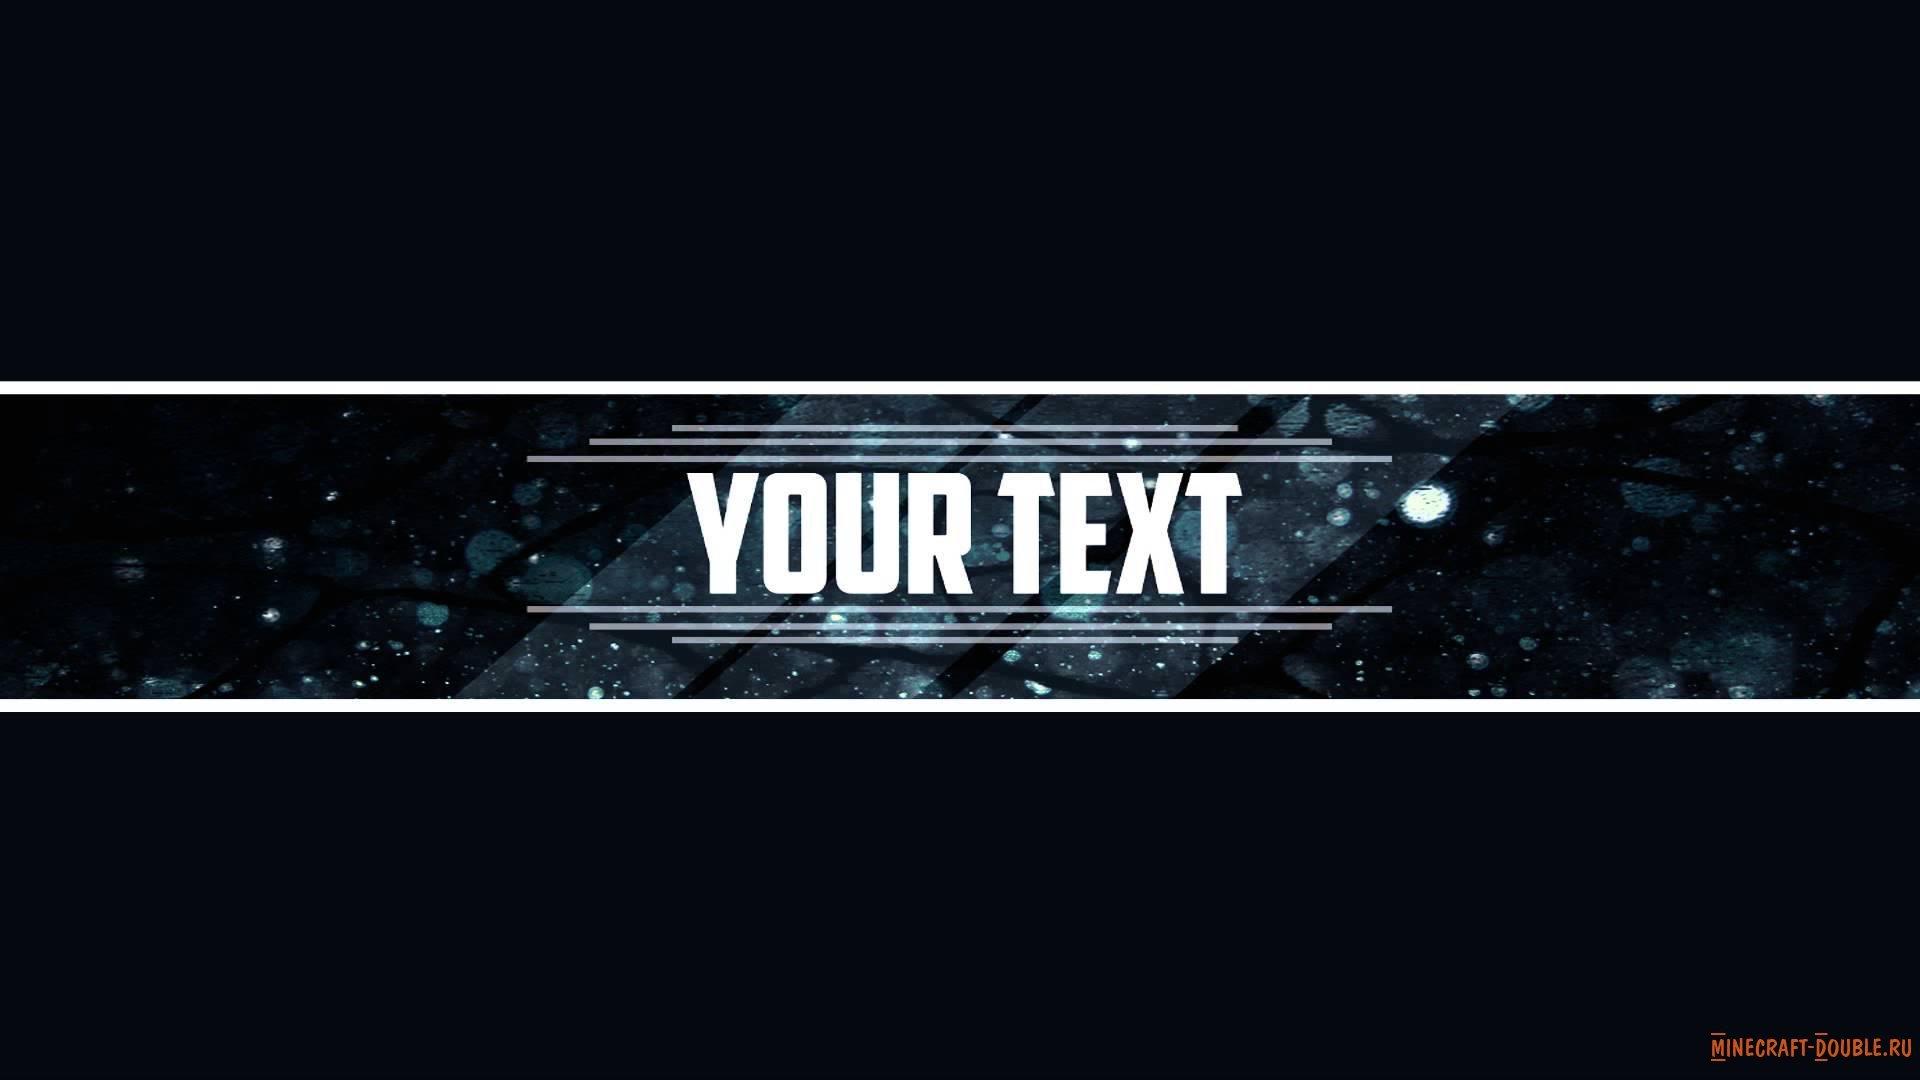 Изображения 2048 х 1152 пикселей для ютуба   подборка (14)